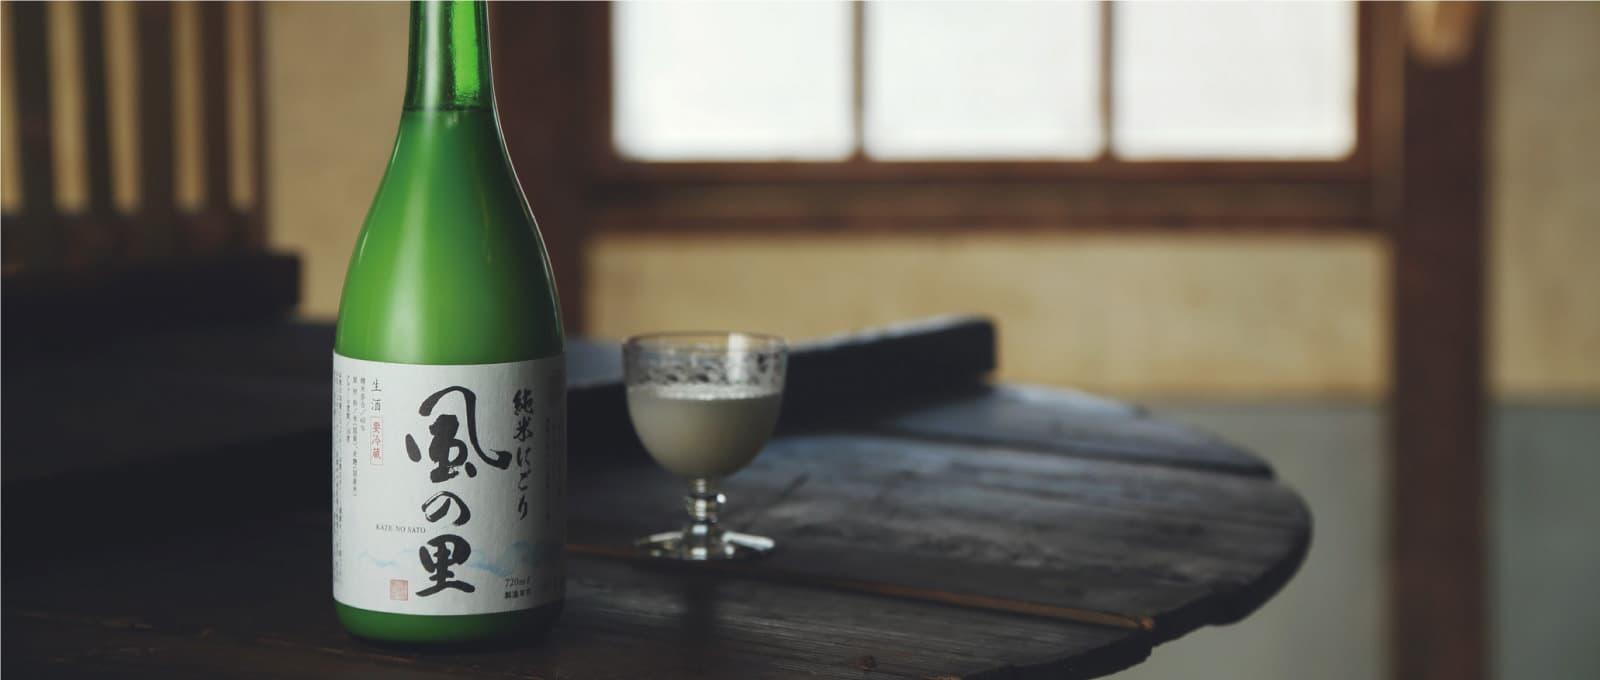 肱川の地酒